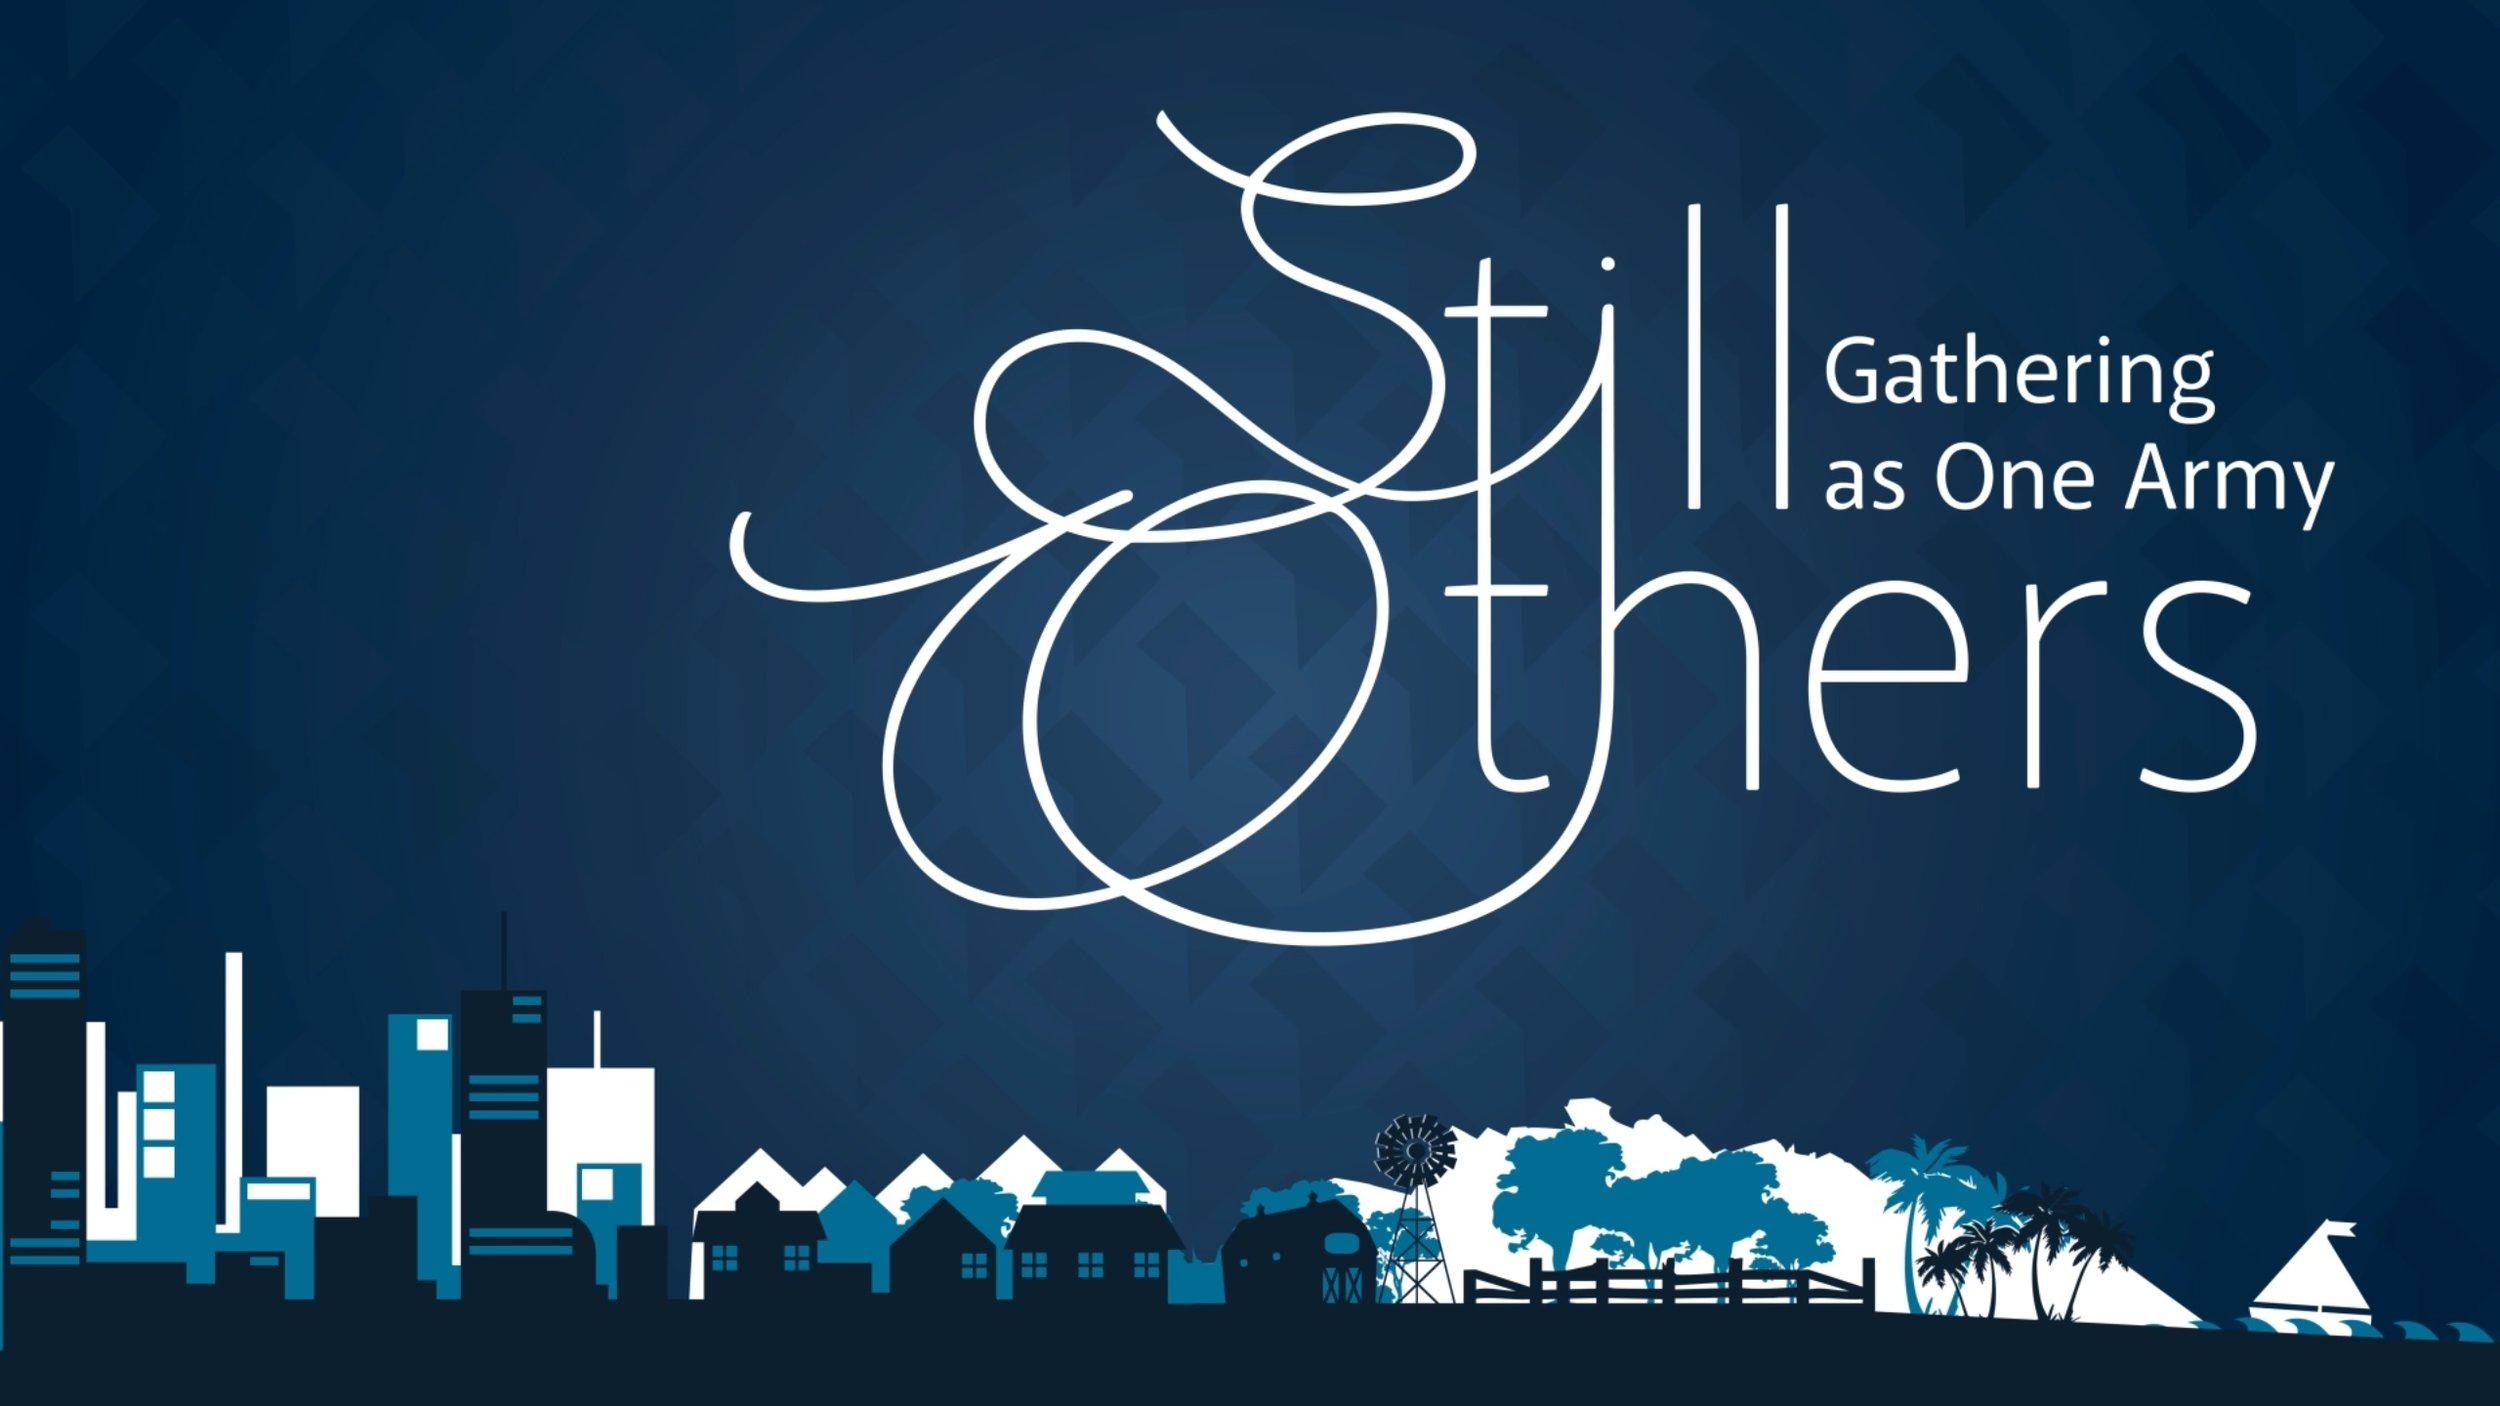 StillOthers_EventGraphics_MasterLogo_STILL.jpg